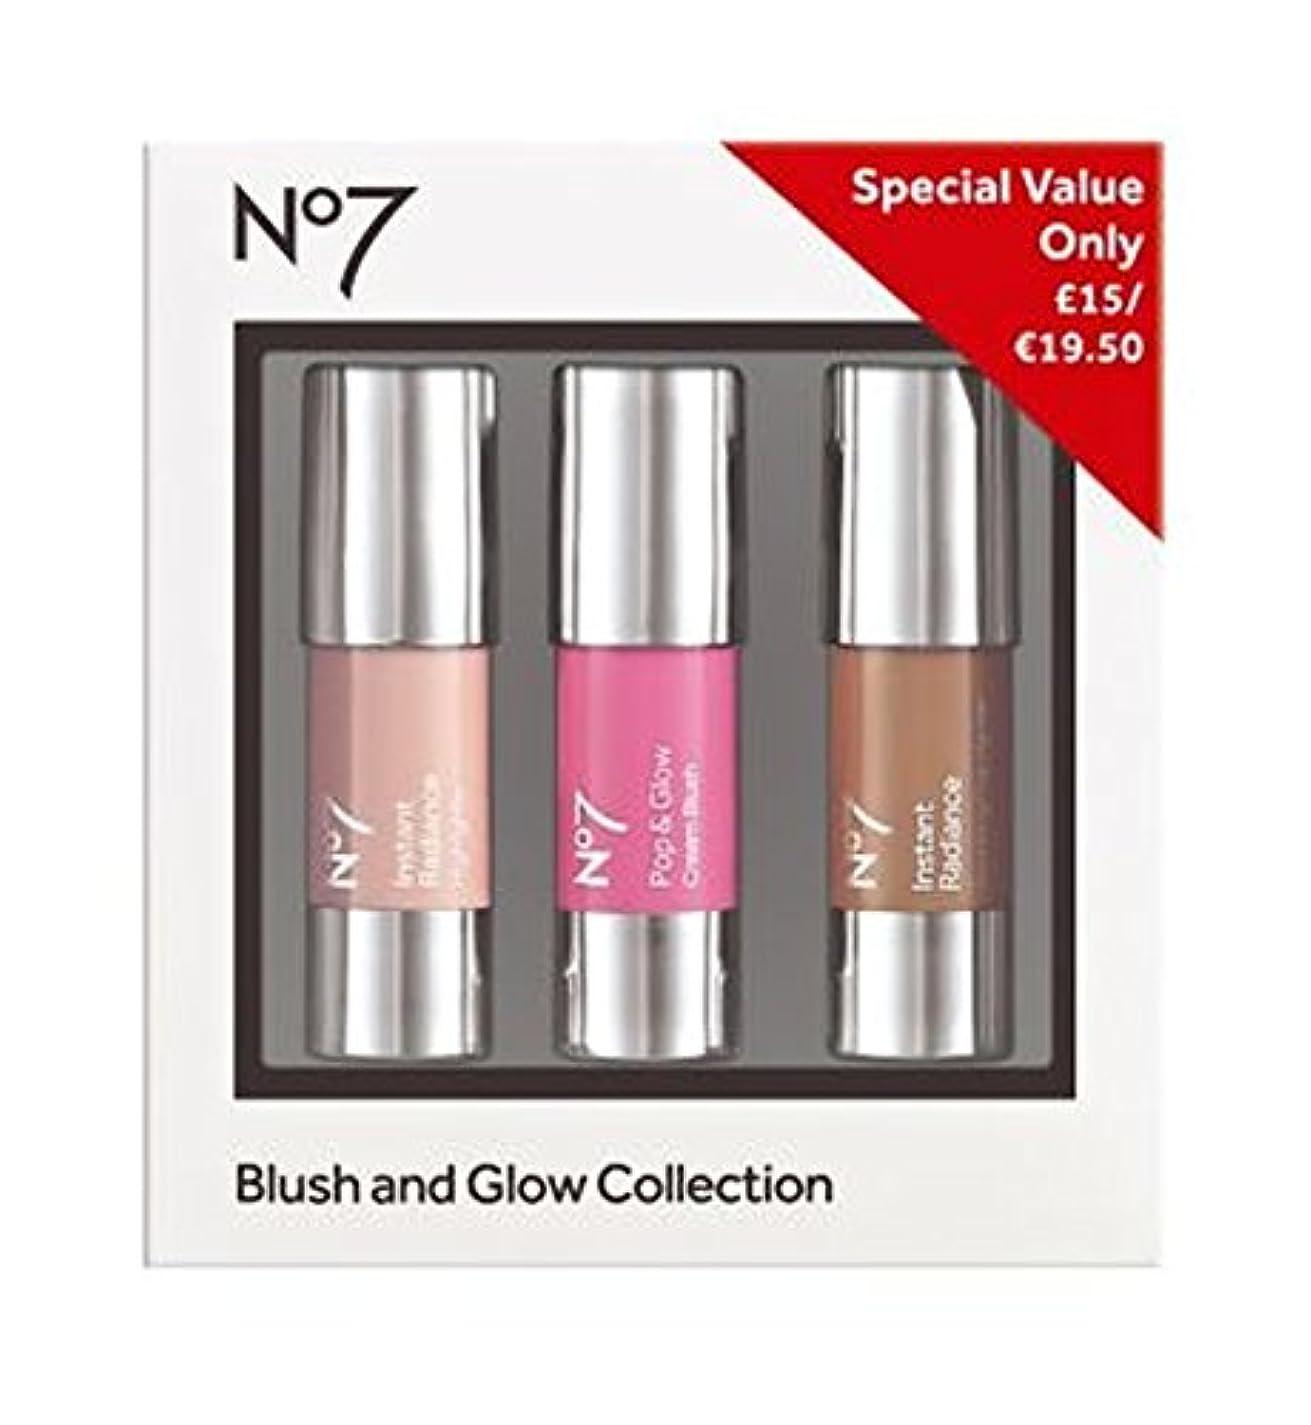 ビール水分かなりのNo7 Blush and Glow Collection - No7の赤面とグローコレクション (No7) [並行輸入品]